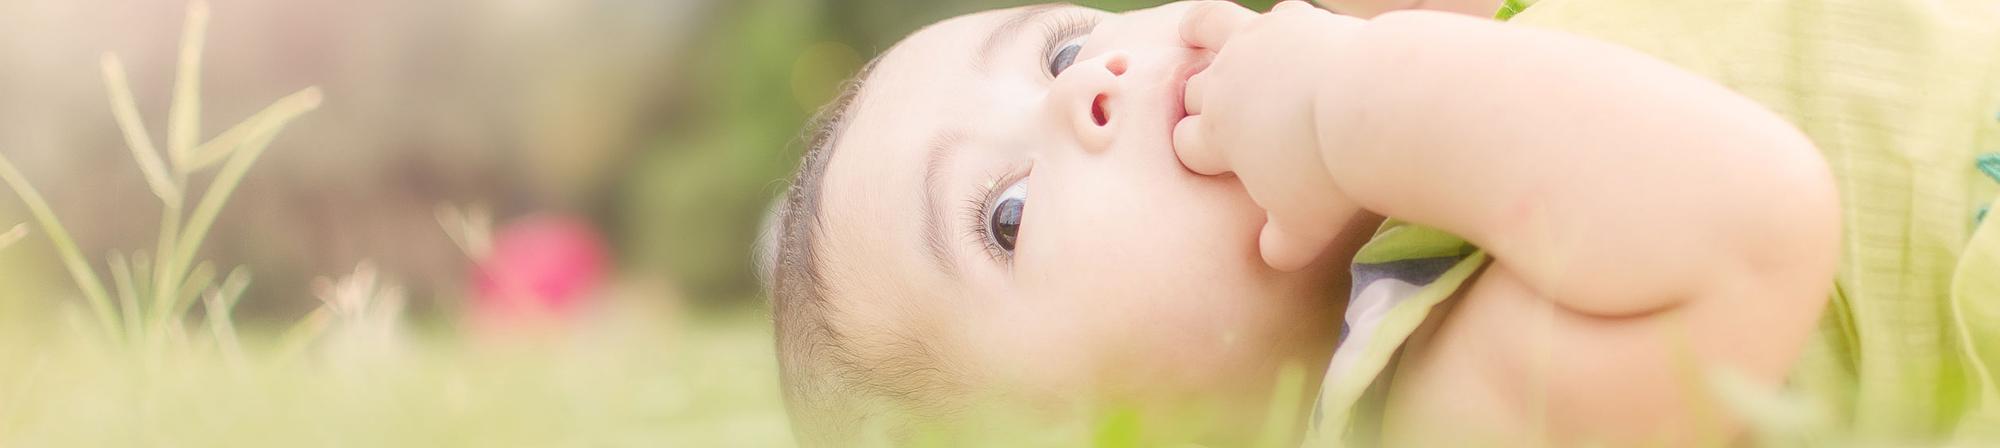 הגנה על עור התינוק